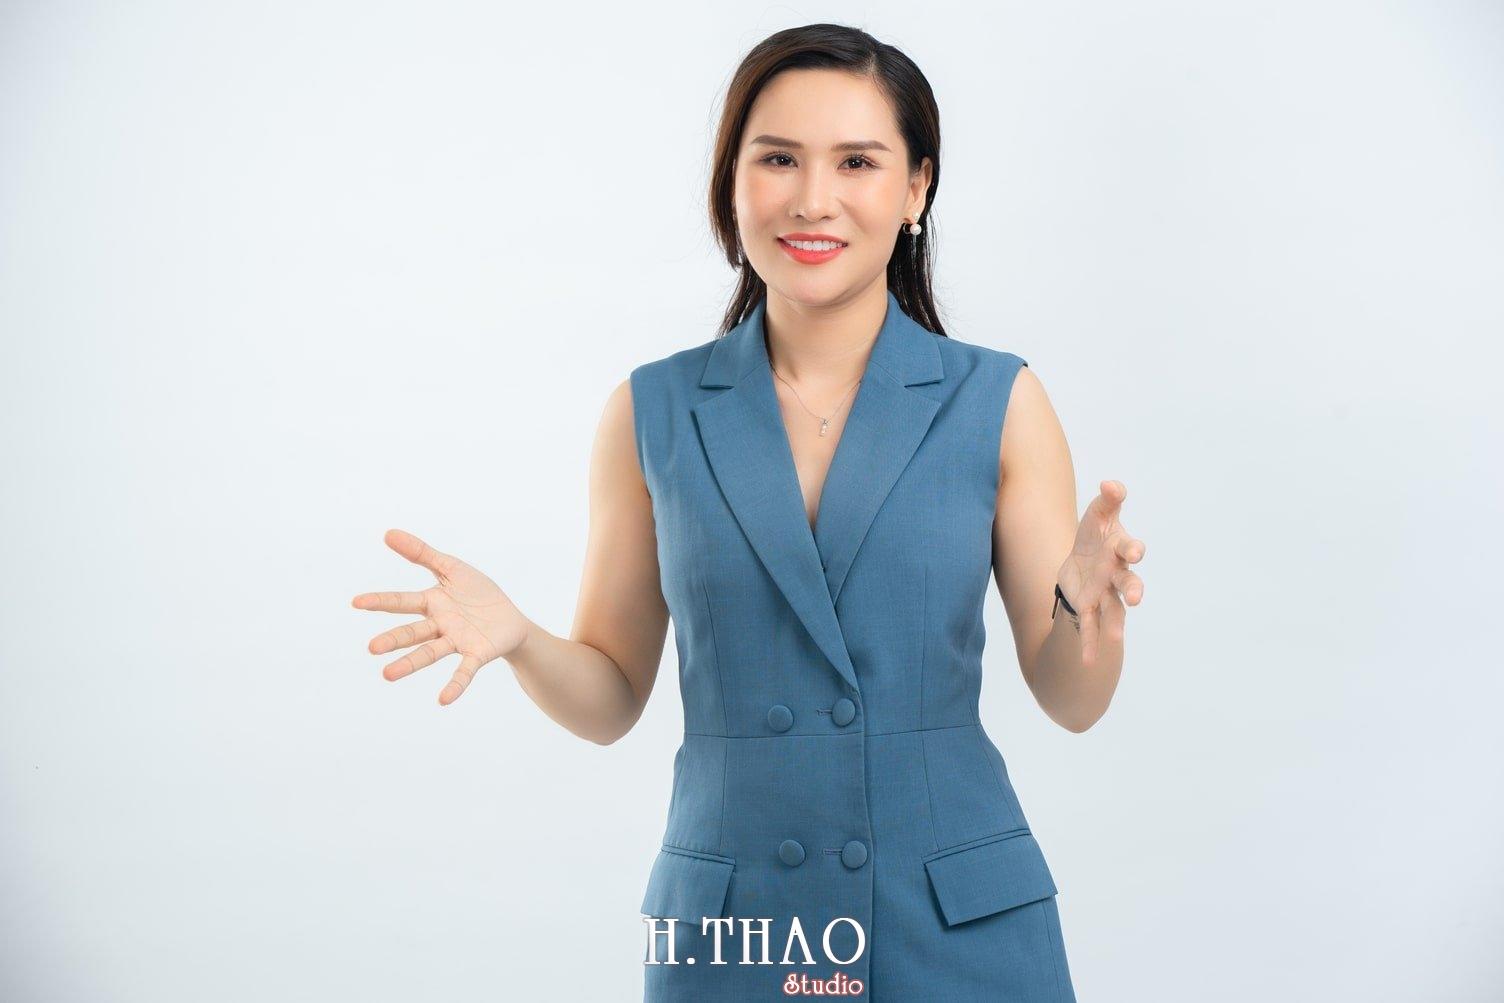 Doanh nhan nu 19 - Ảnh nữ doanh nhân bất động sản, phó TGĐ Express Ms.Nho – HThao Studio